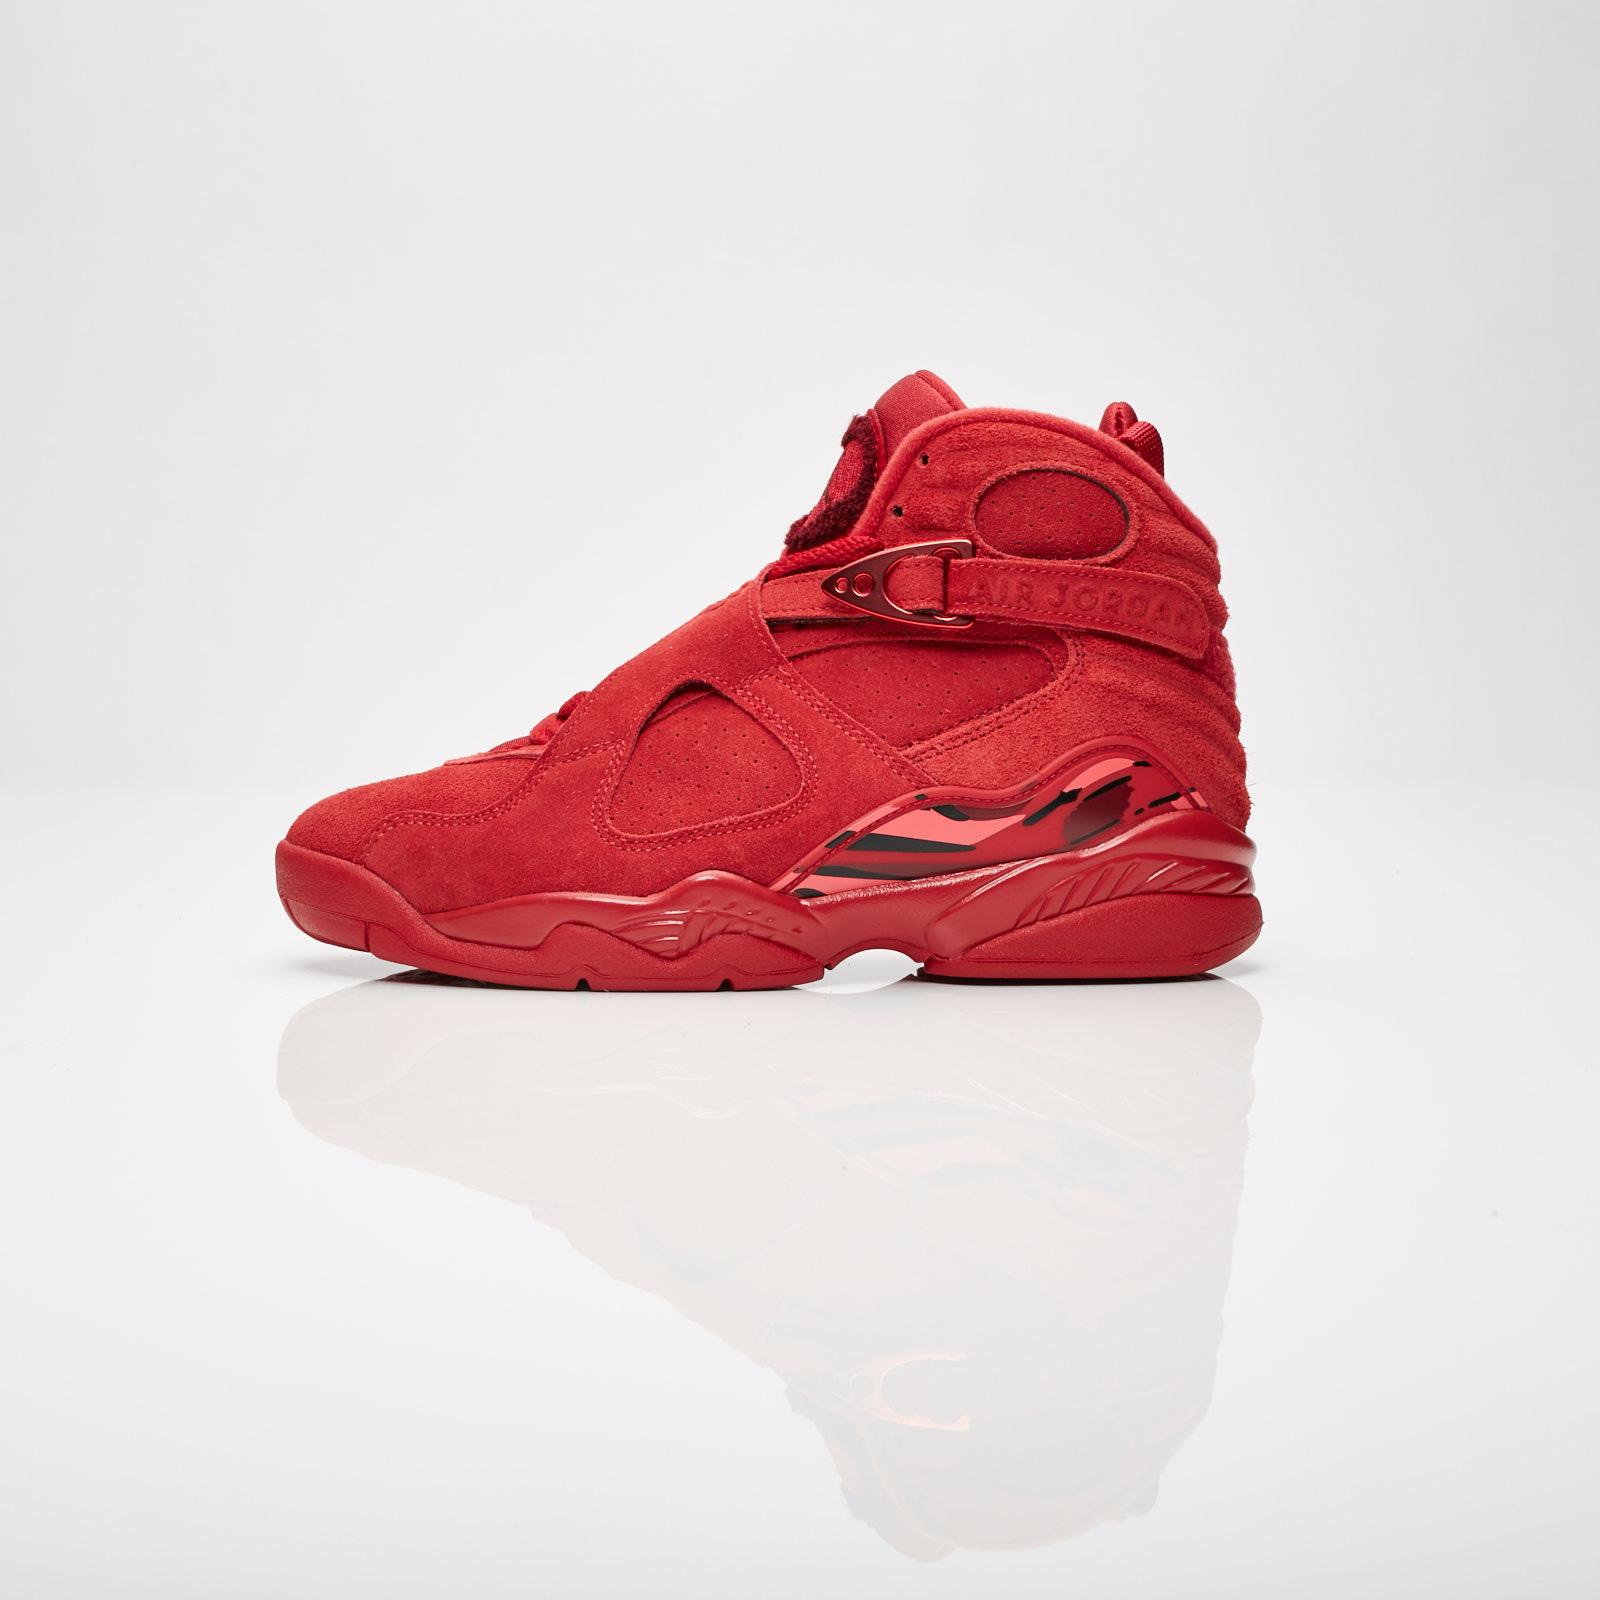 6b25b29b6a4 Jordan Brand Wmns Air Jordan 8 Retro Valentines Day - Aq2449-614 -  Sneakersnstuff | sneakers & streetwear online since 1999